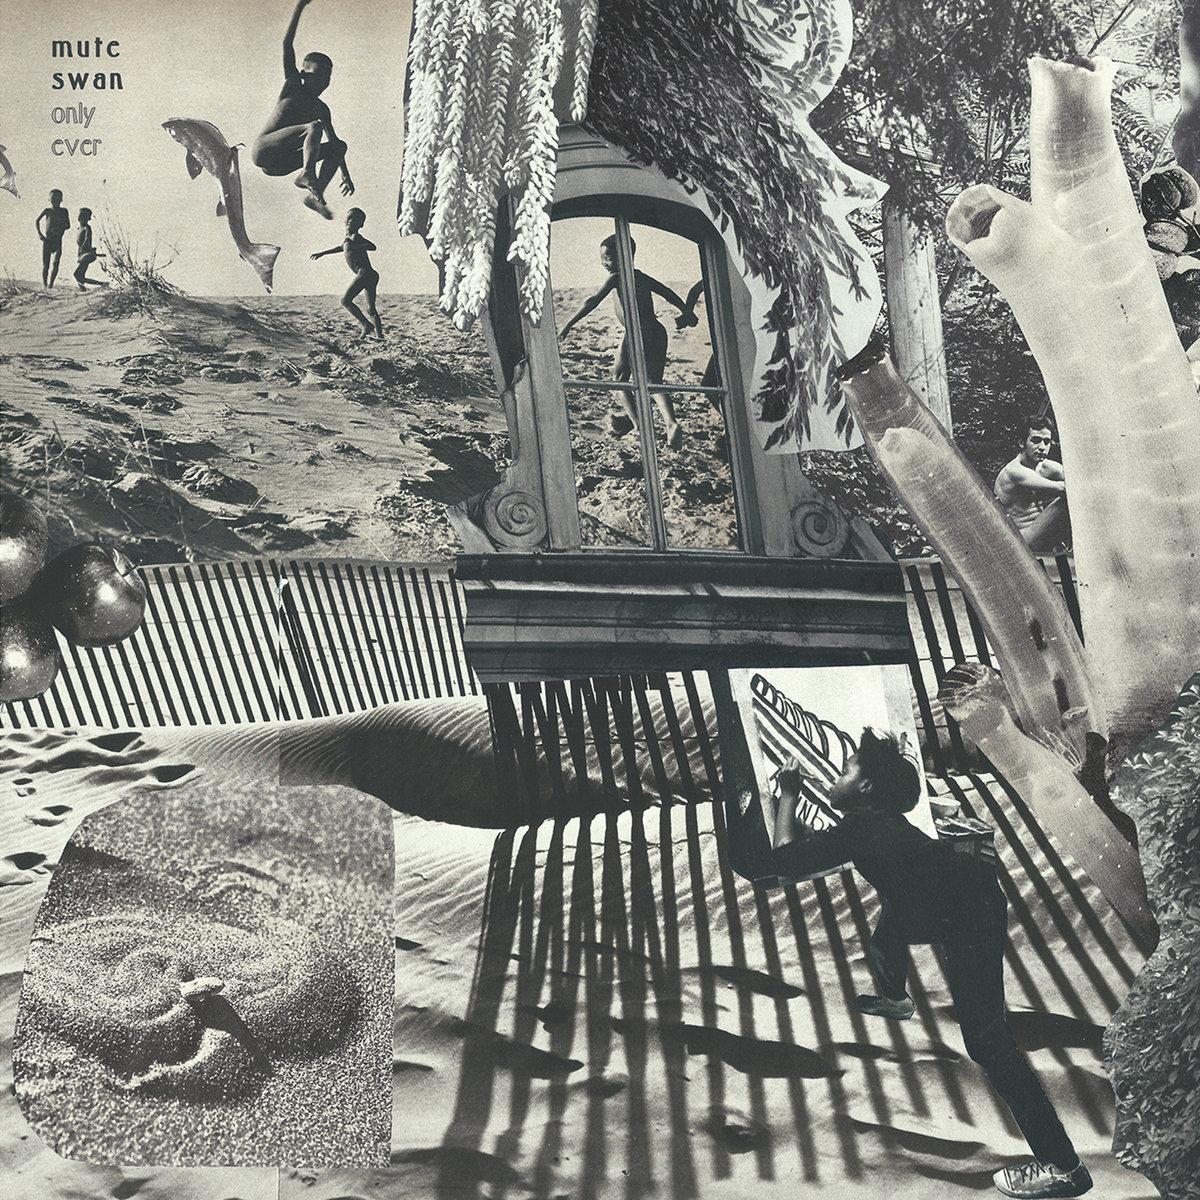 Mute Swan album cover